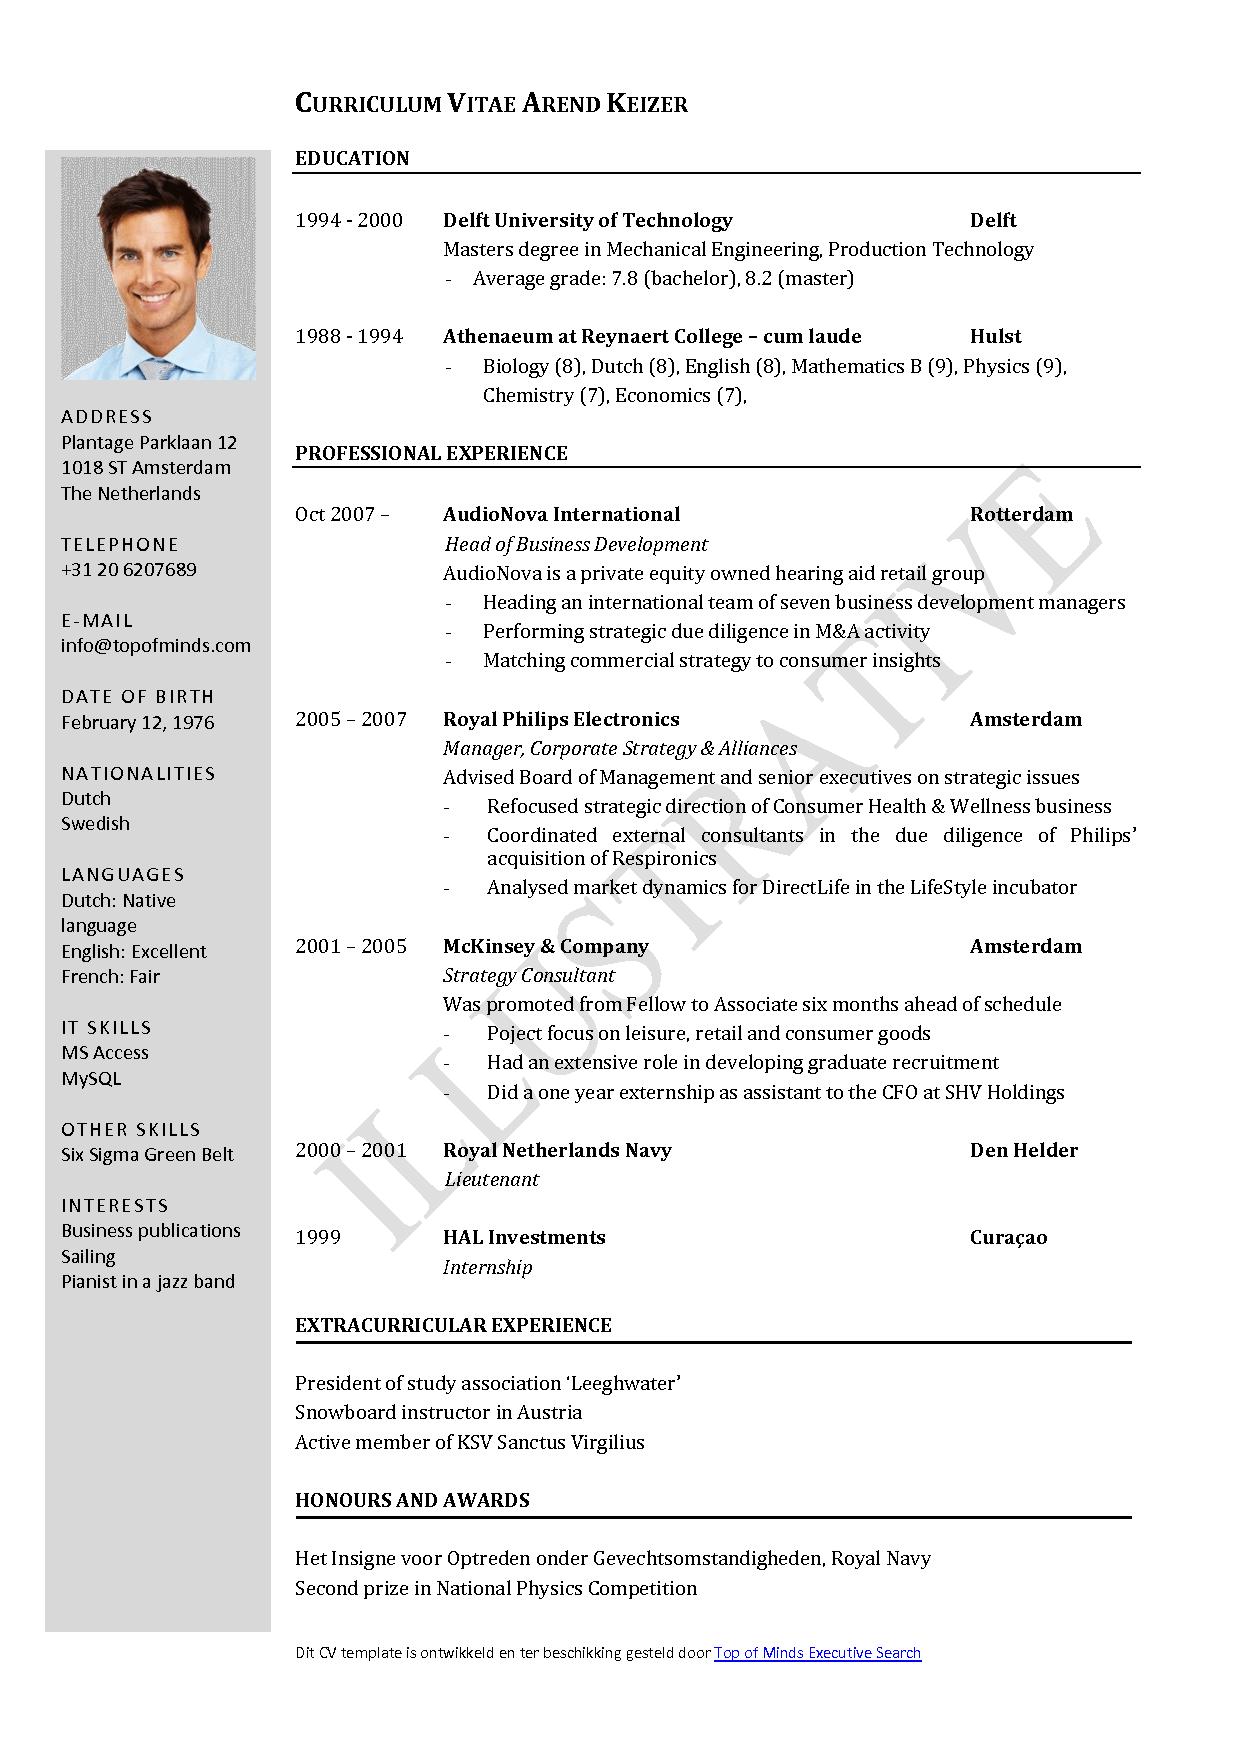 resume curriculum vitae example - Cvs Resume Example